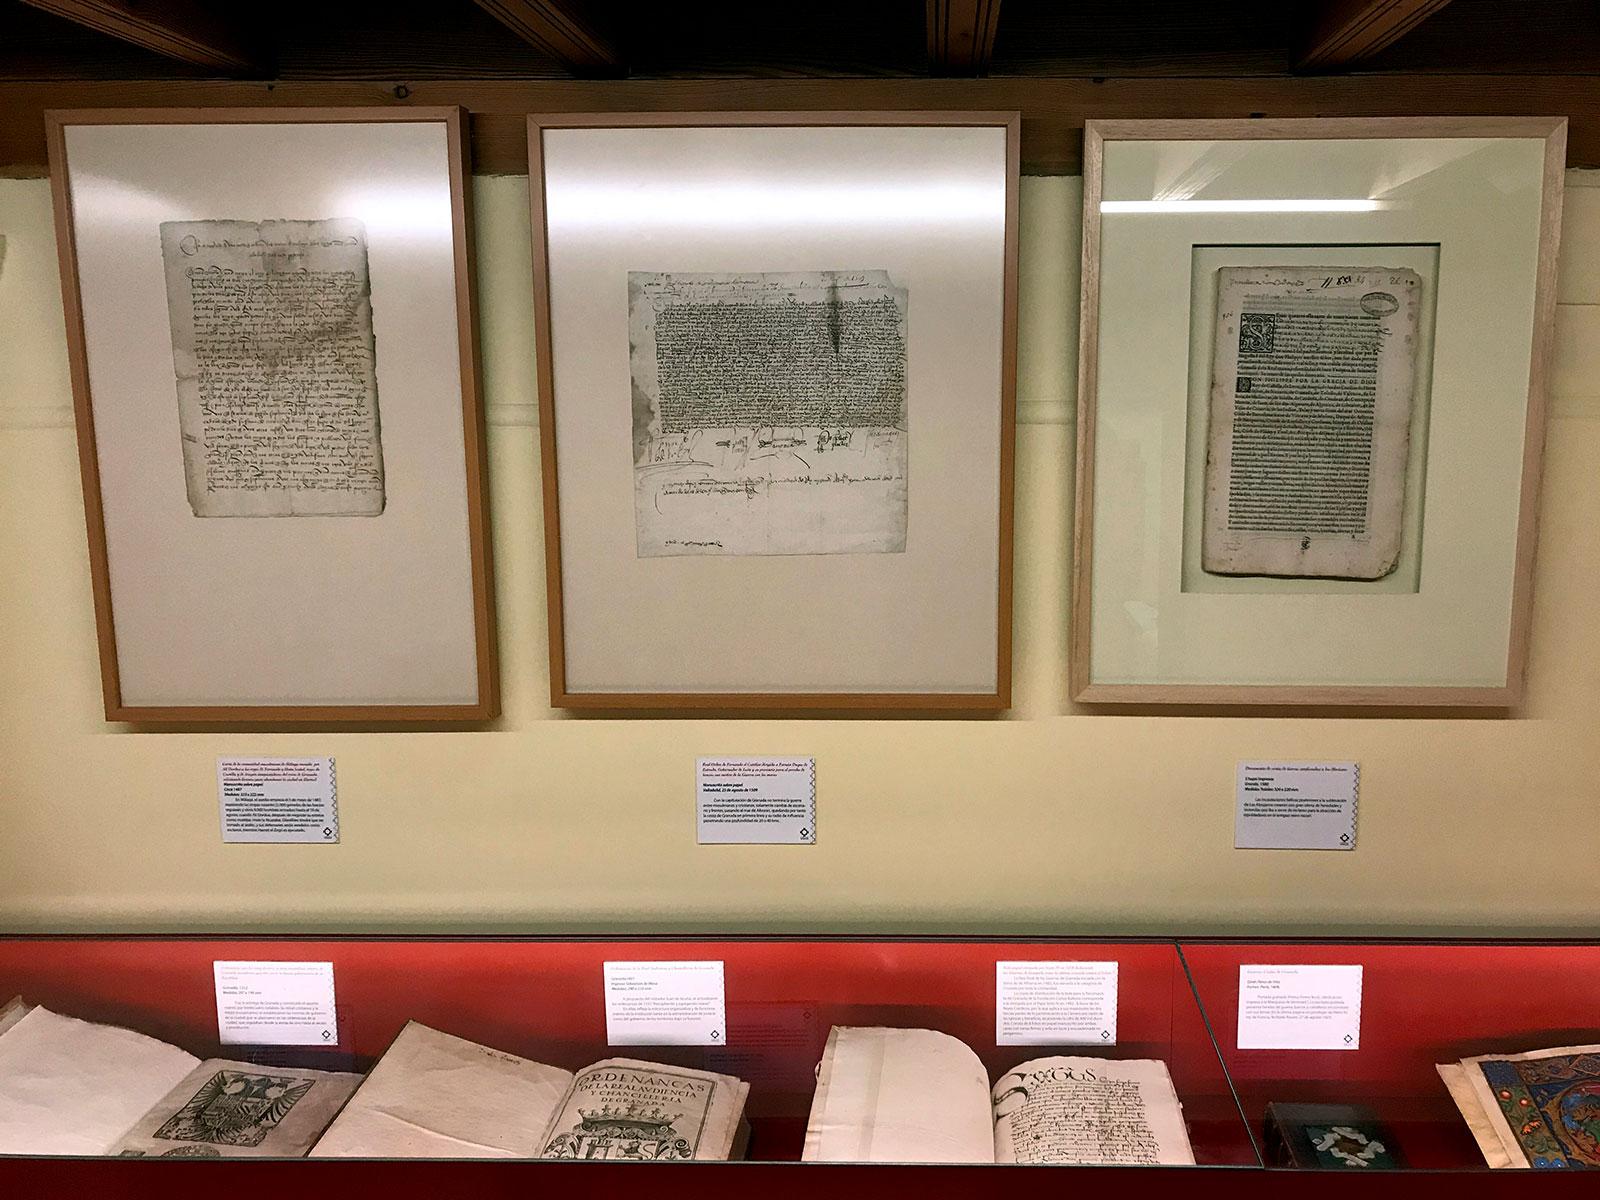 Documentos bibliográficos expuestos en la Sala Reino de Granada